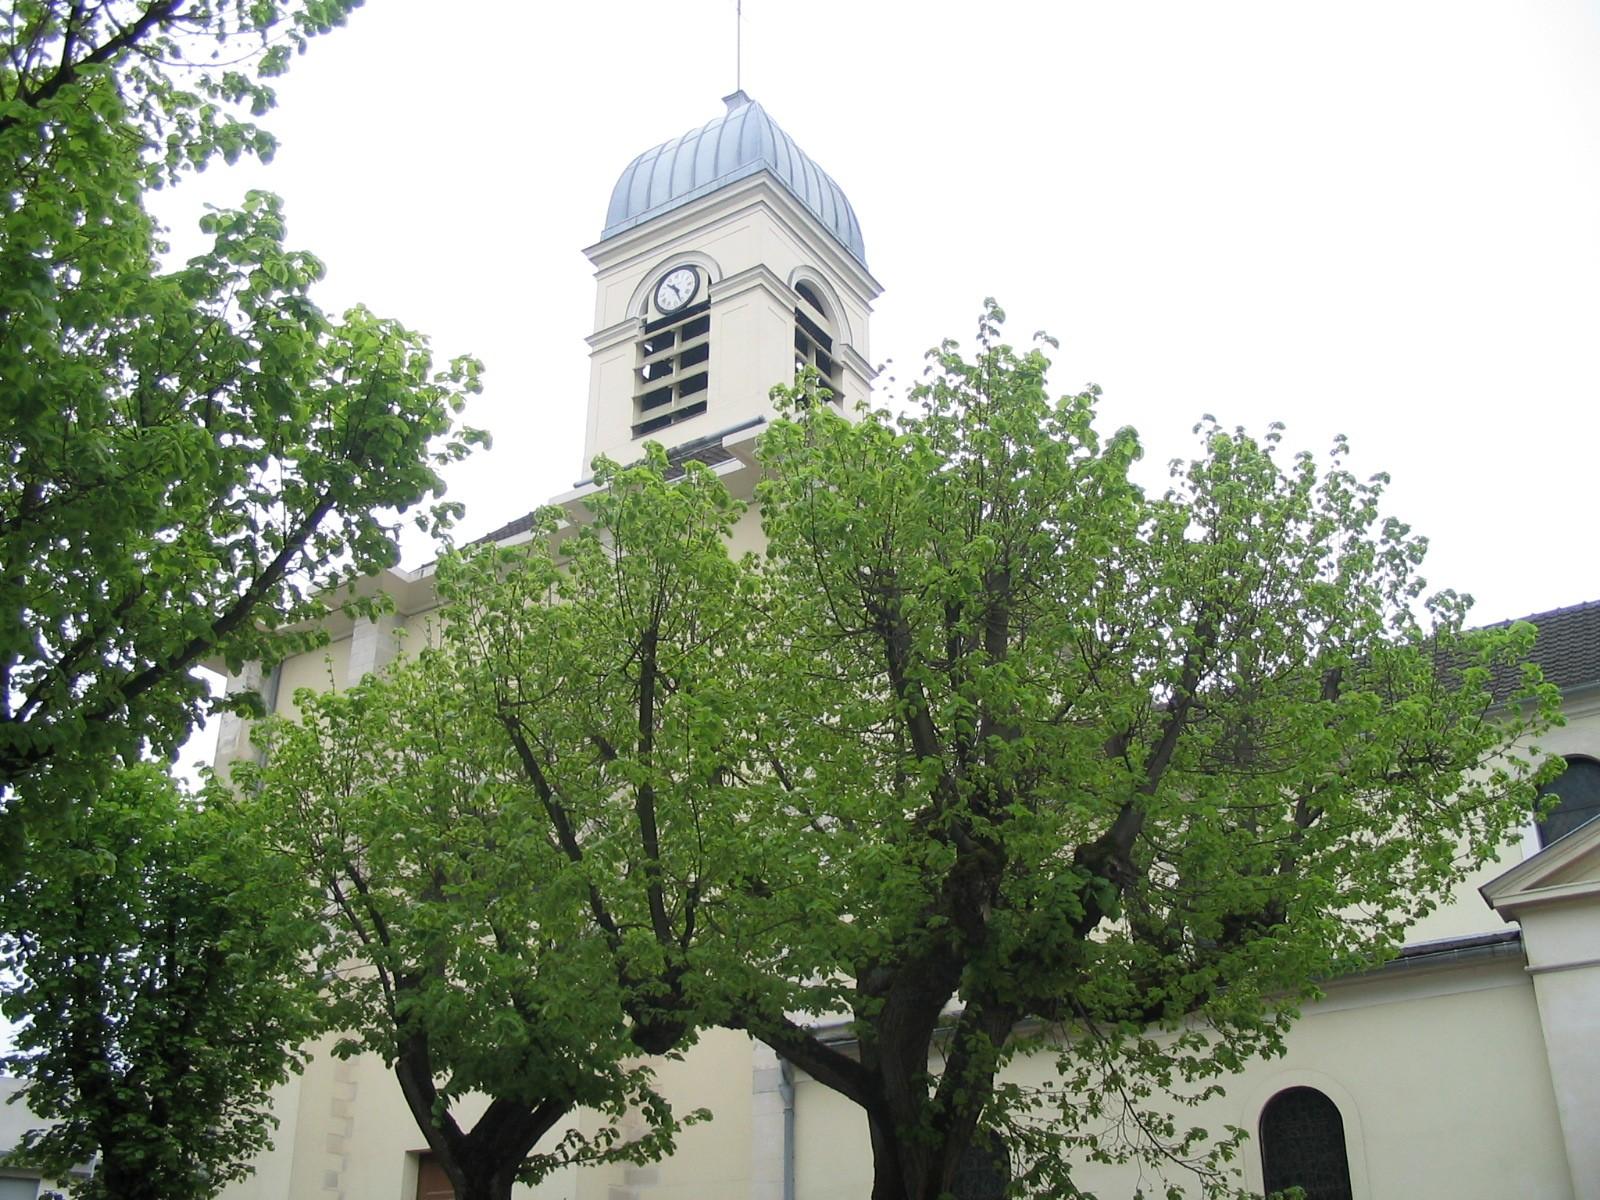 Eglise-de-Valenton-1